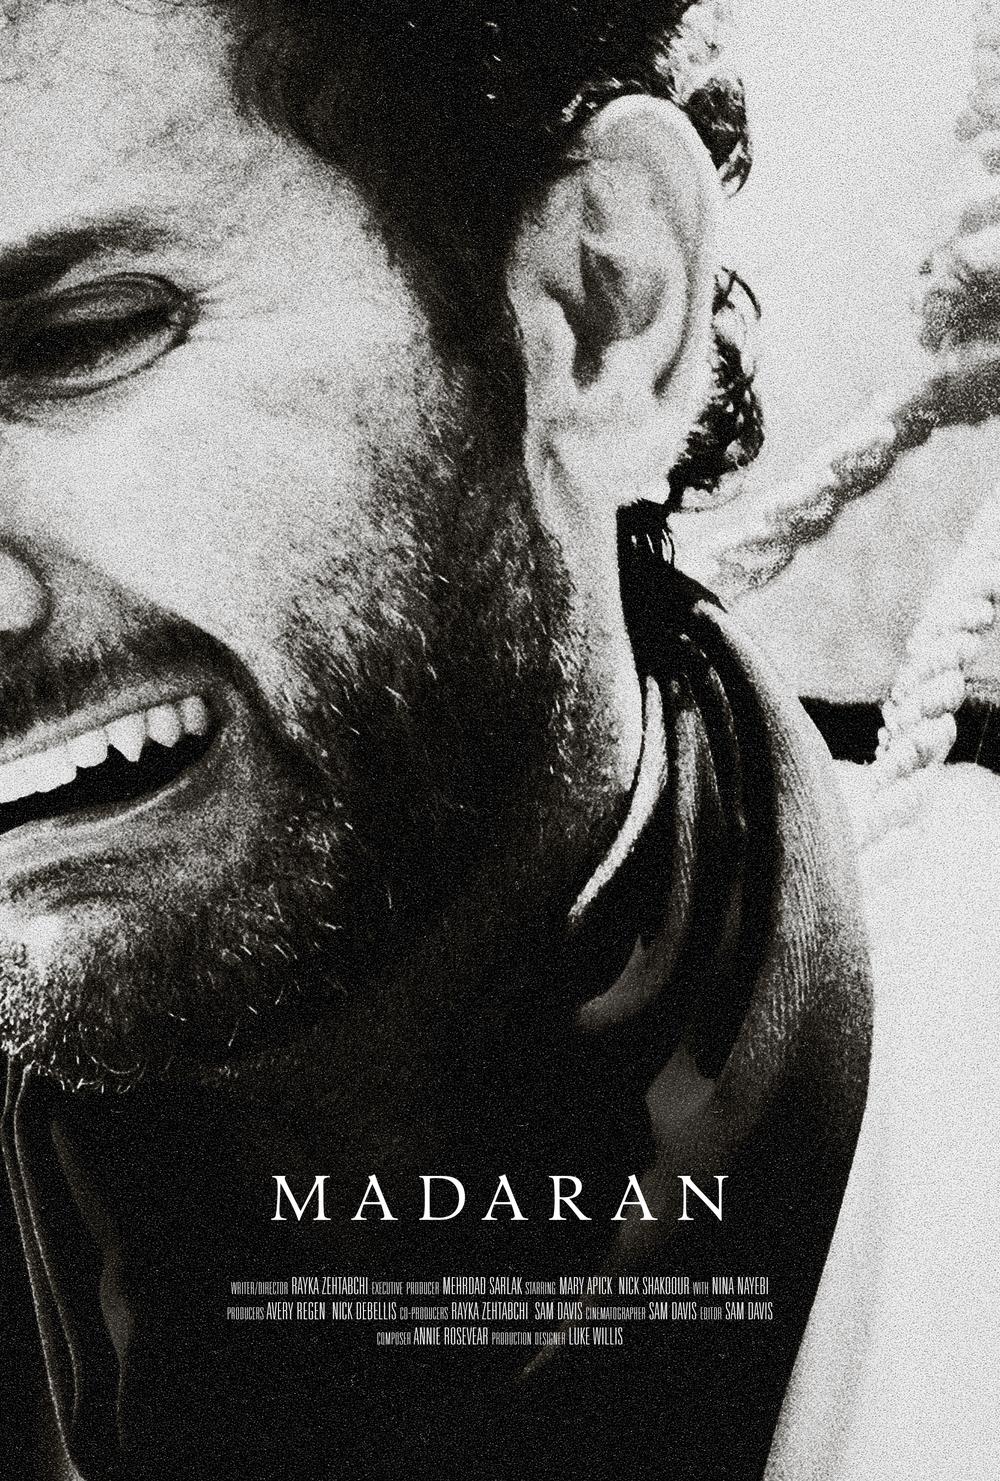 MADARAN_OfficialPoster.jpg